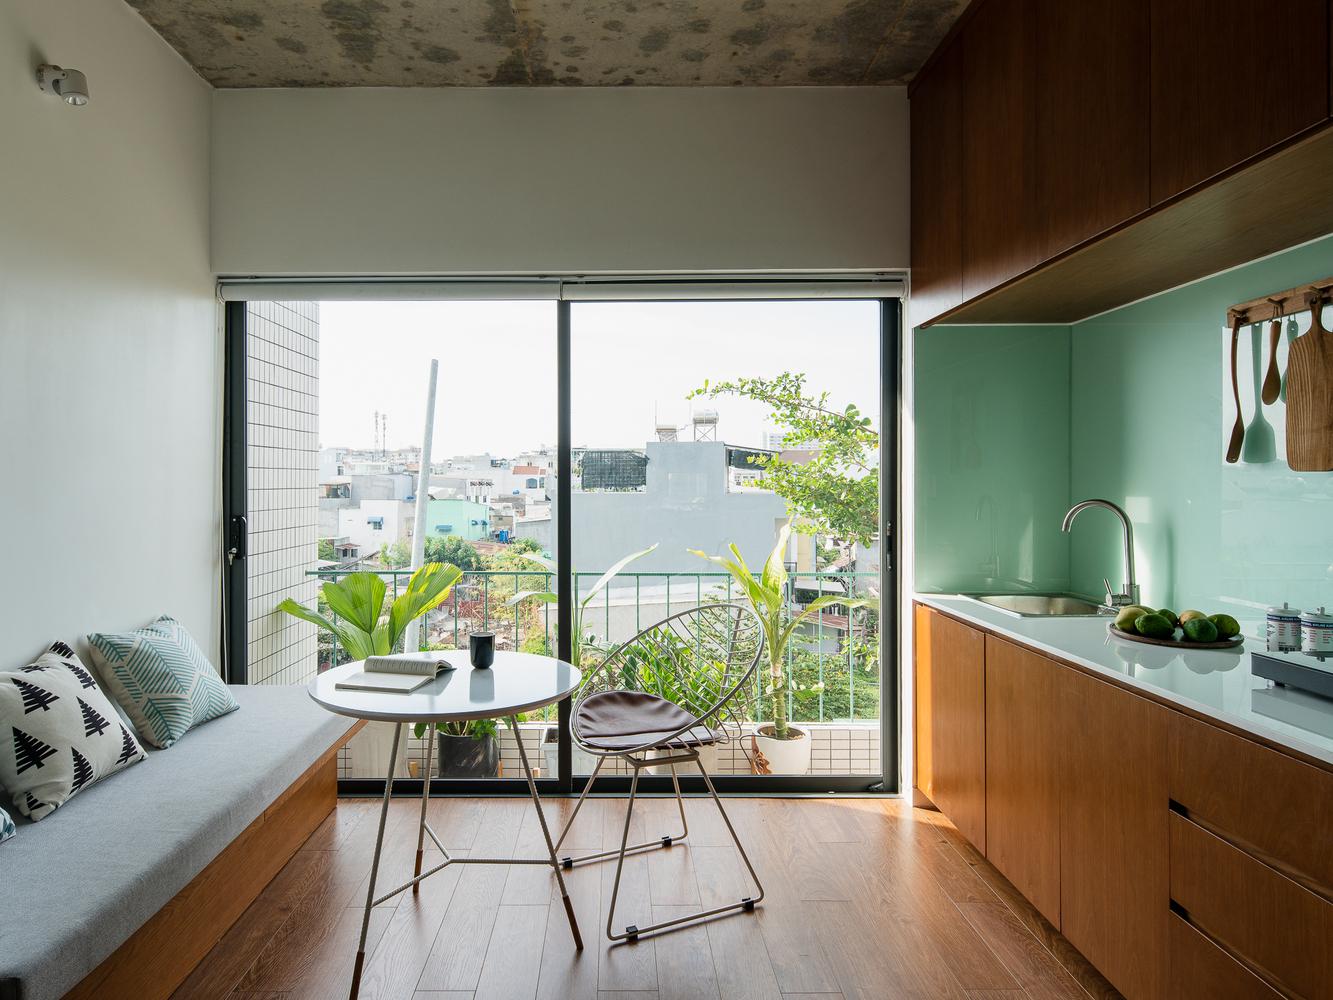 phòng khách và bếp ăn trong căn hộ cho thuê, cửa kính lớn mở ra ban công lấy sáng